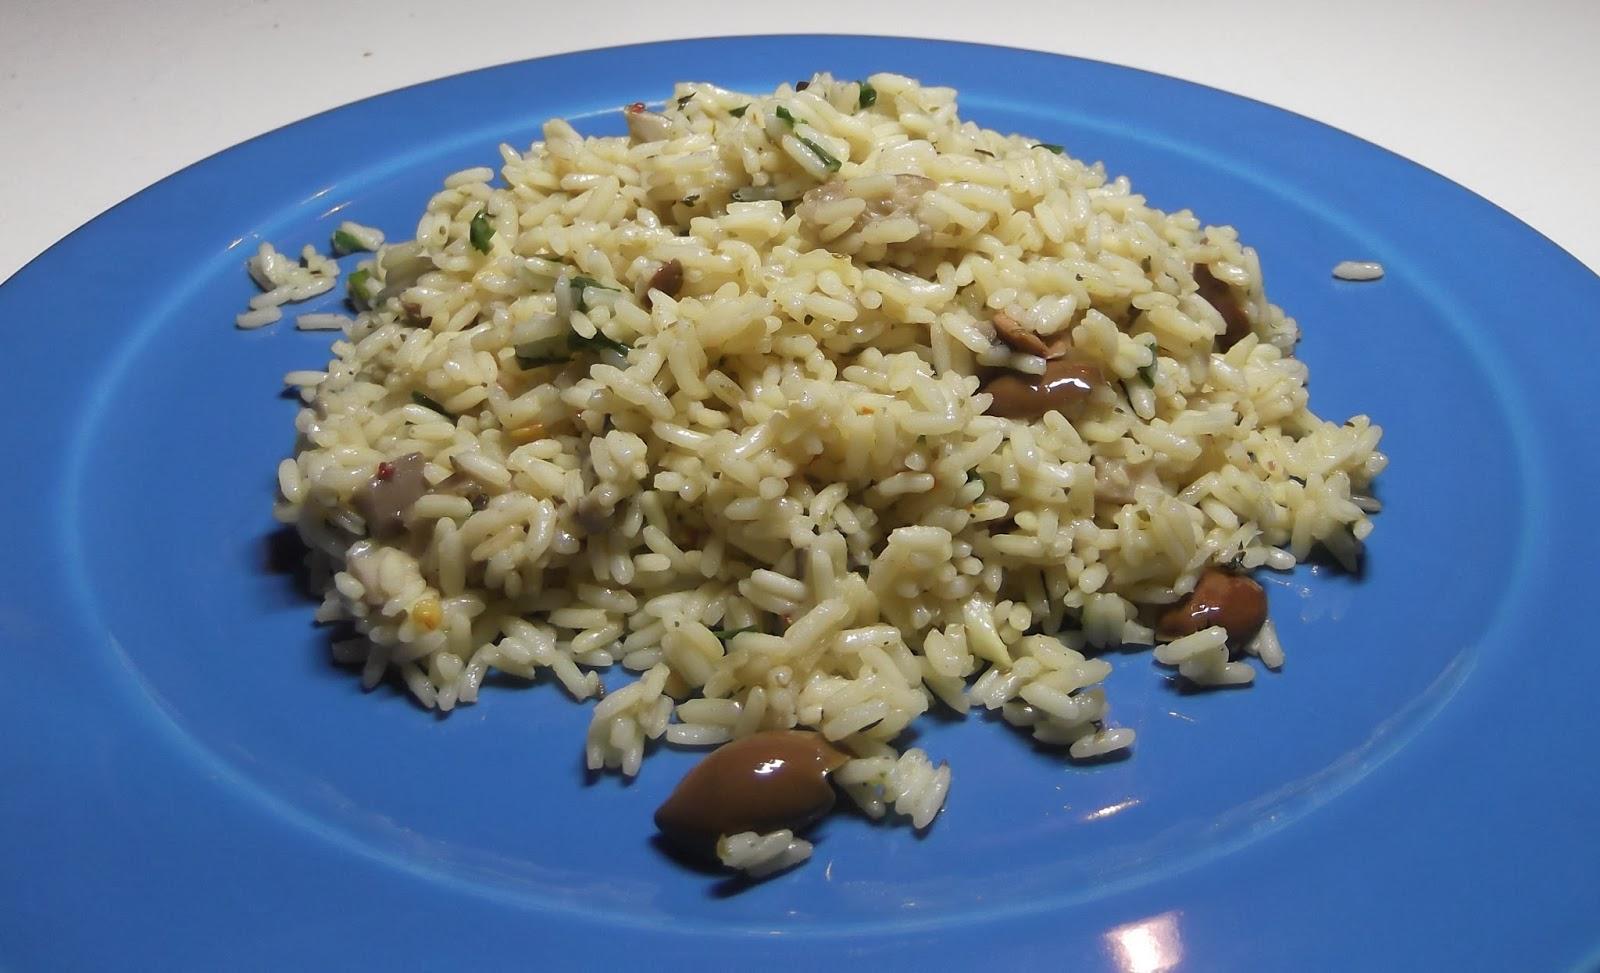 χορτοφαγική συνταγή, ρύζι στο φούρνο